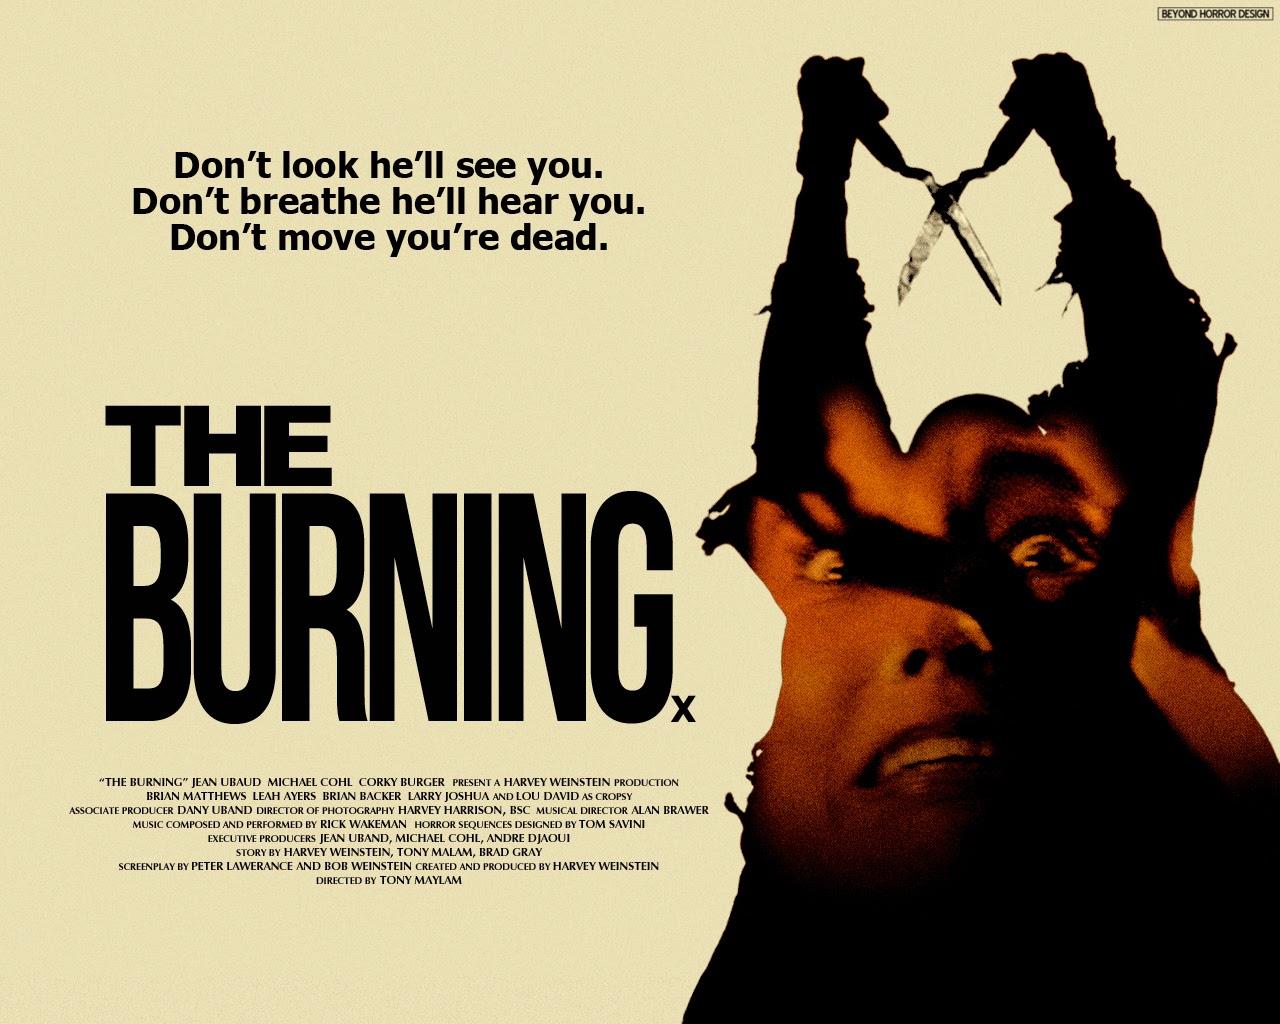 the_burning_1981_uk_quad_poster_wallpaper_beyond_horror_design.jpg